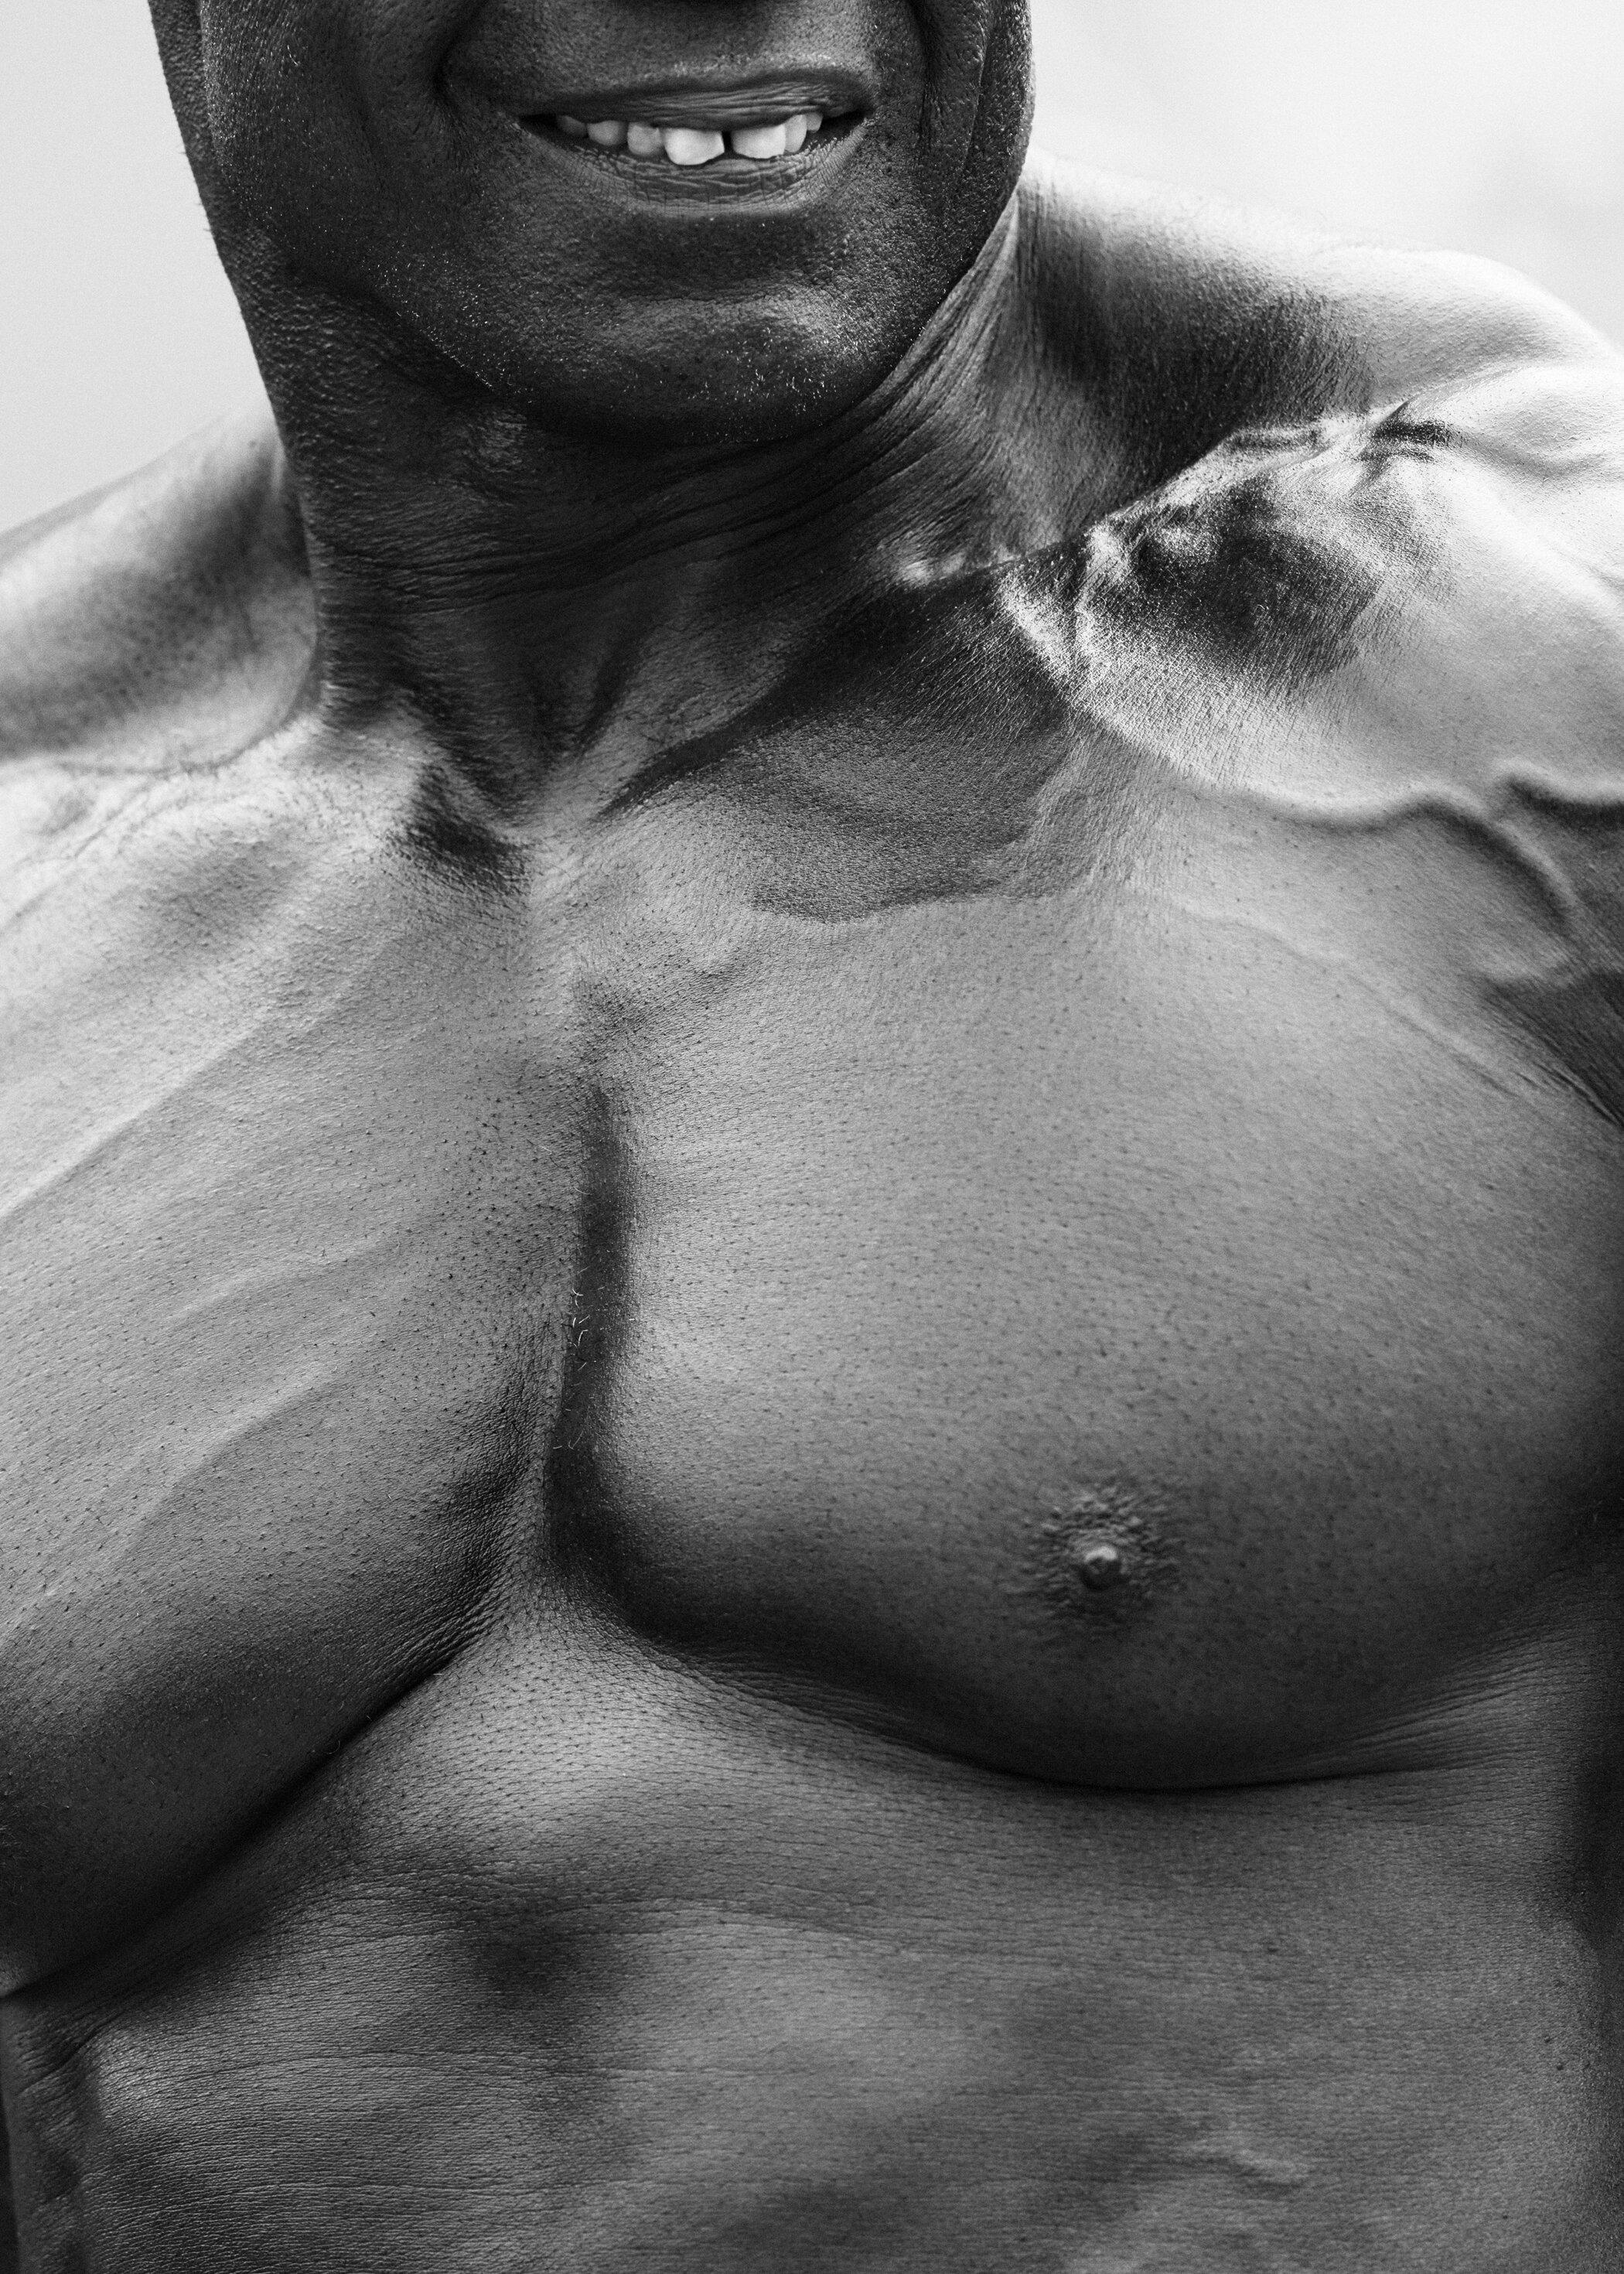 20190704 - Muscle Beach - Julien Roubinet 3.jpg